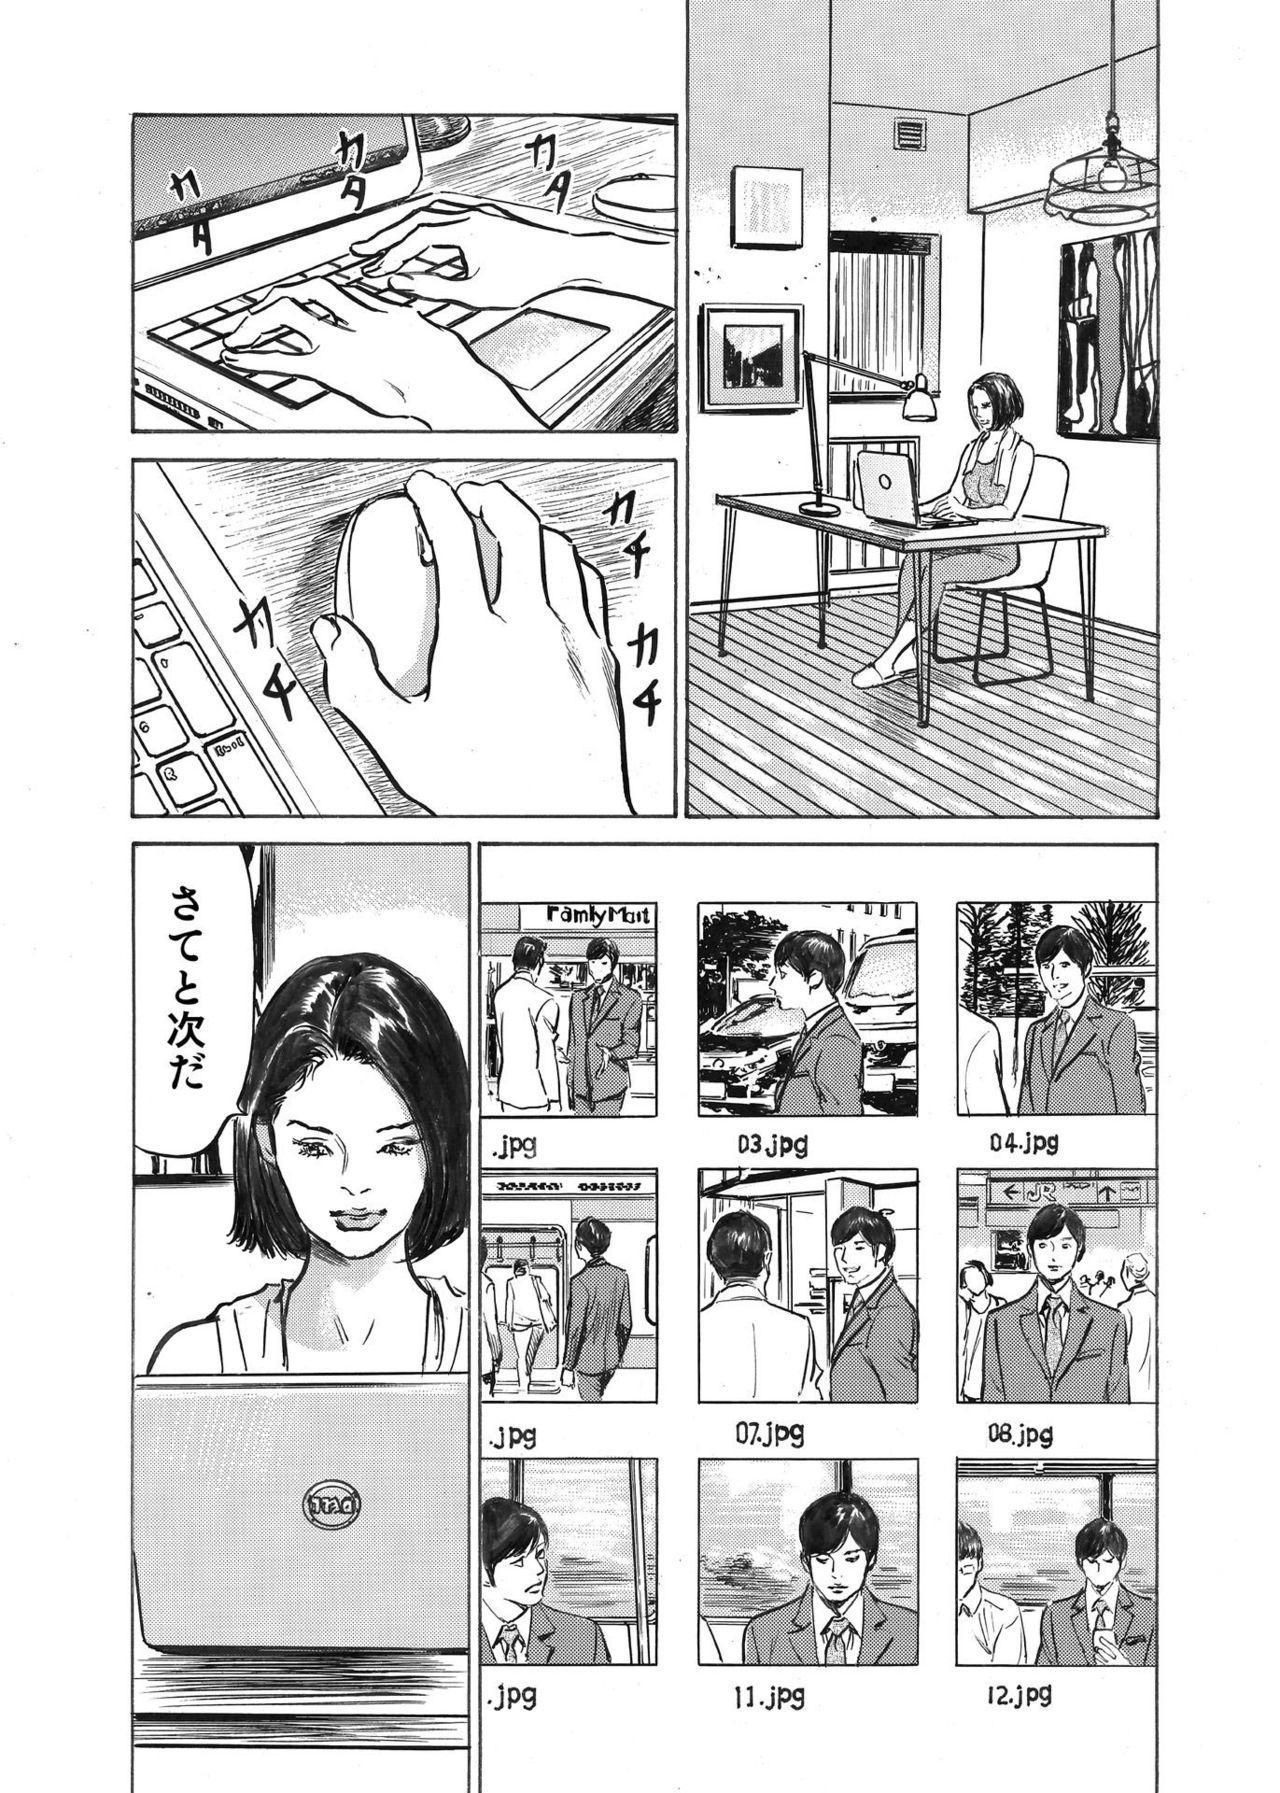 Ore wa Tsuma no Koto o Yoku Shiranai 1-9 149